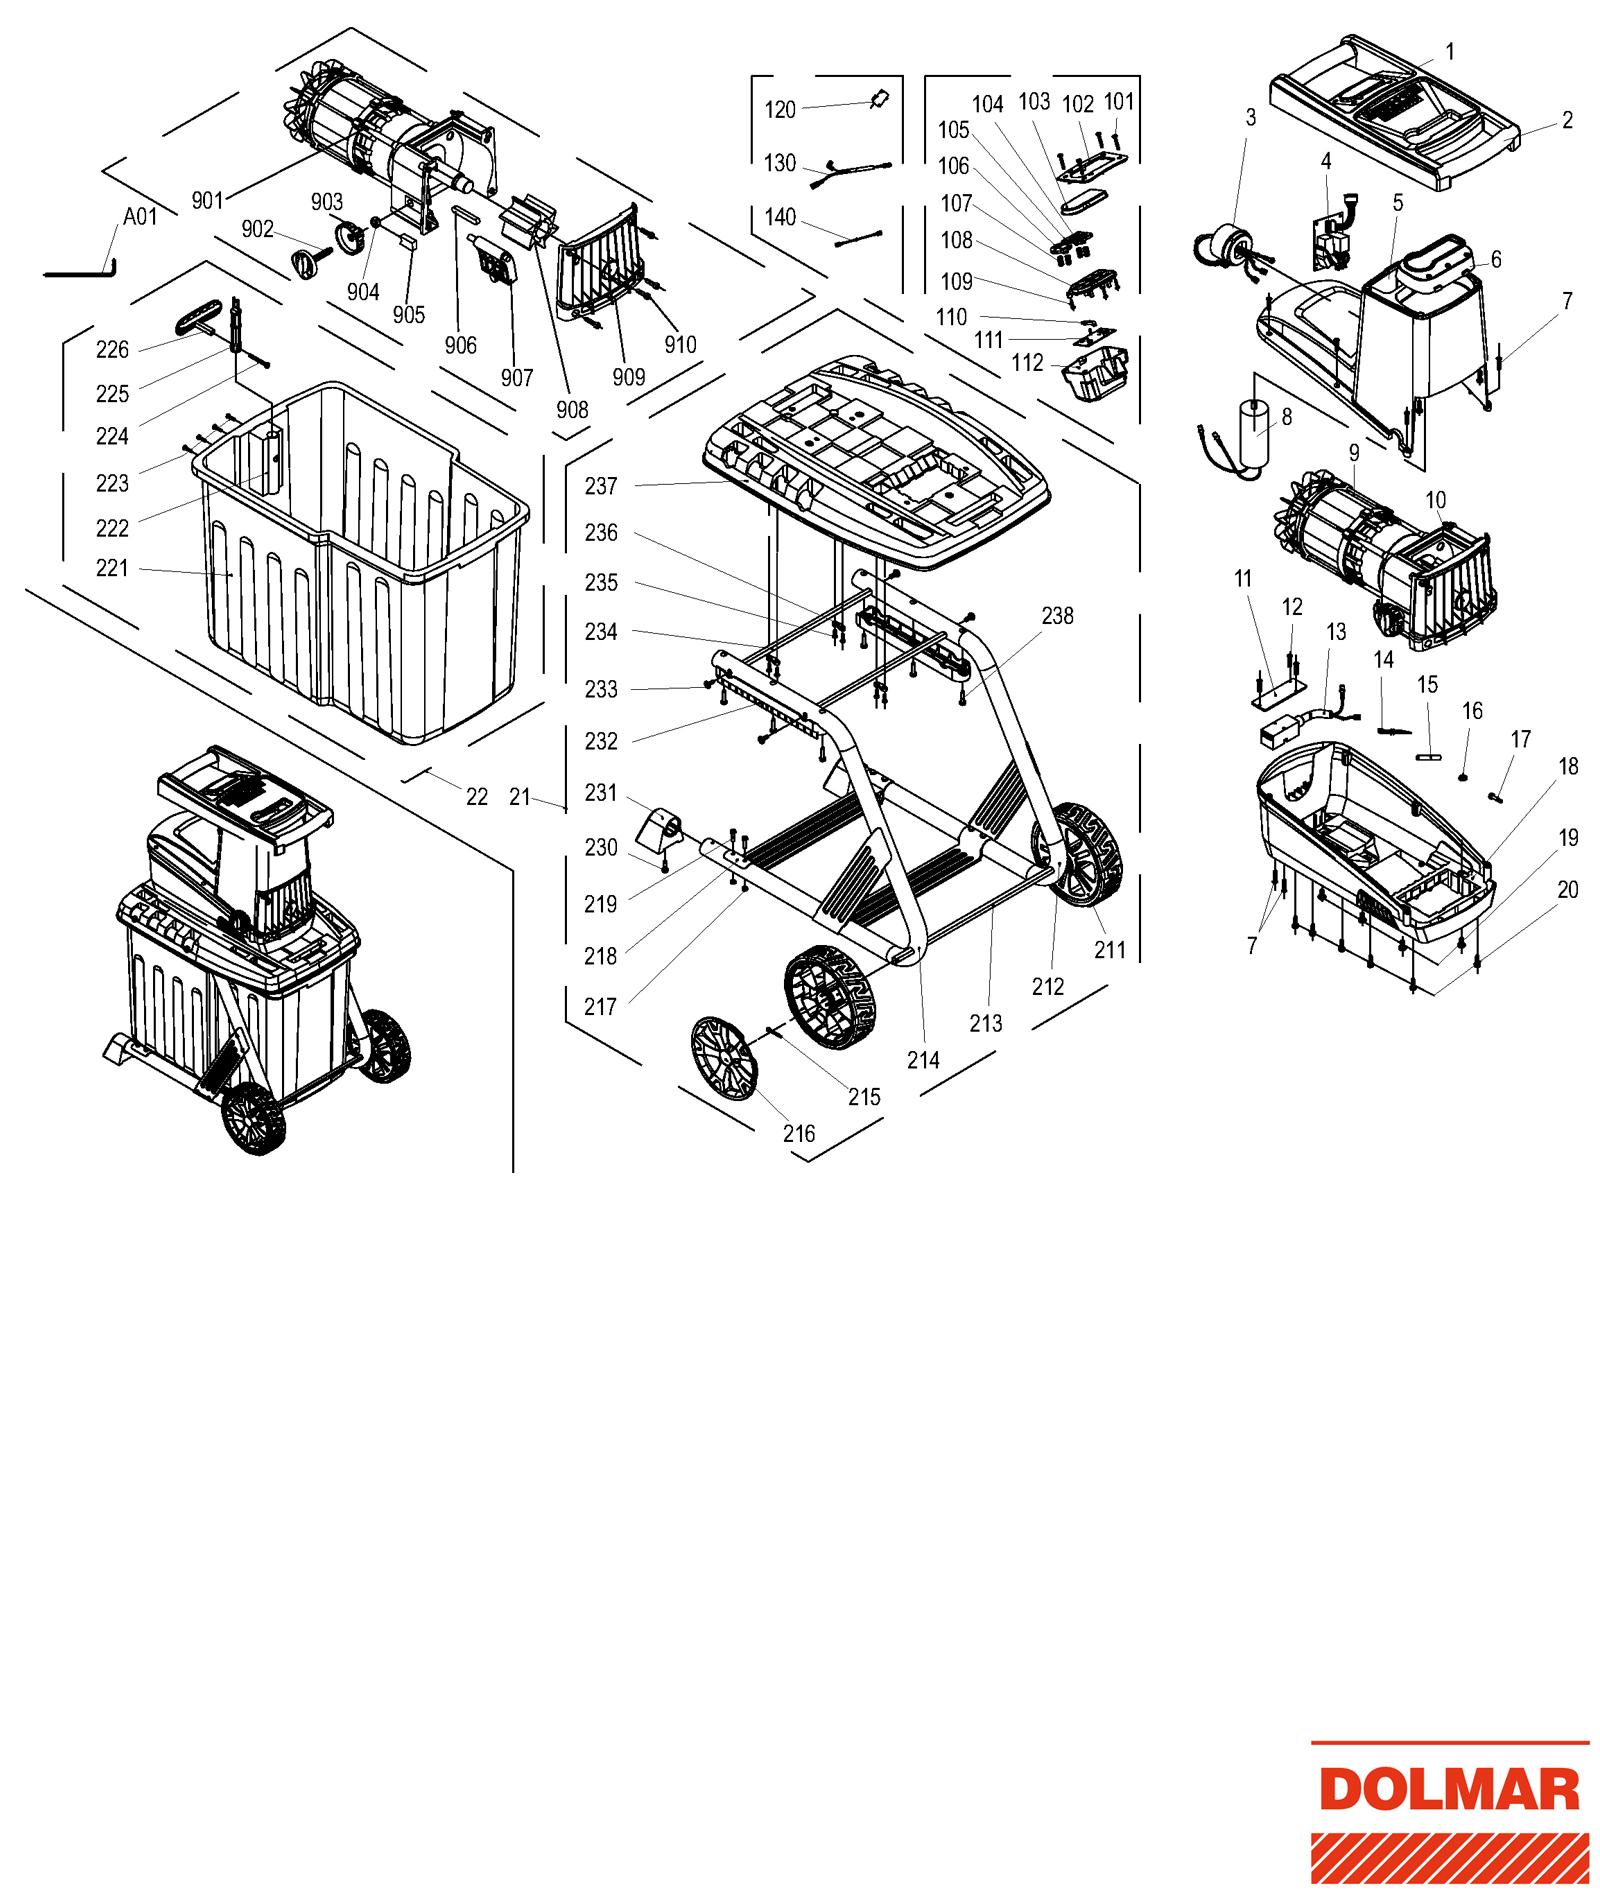 elektro h cksler ersatzteile dolmar online. Black Bedroom Furniture Sets. Home Design Ideas